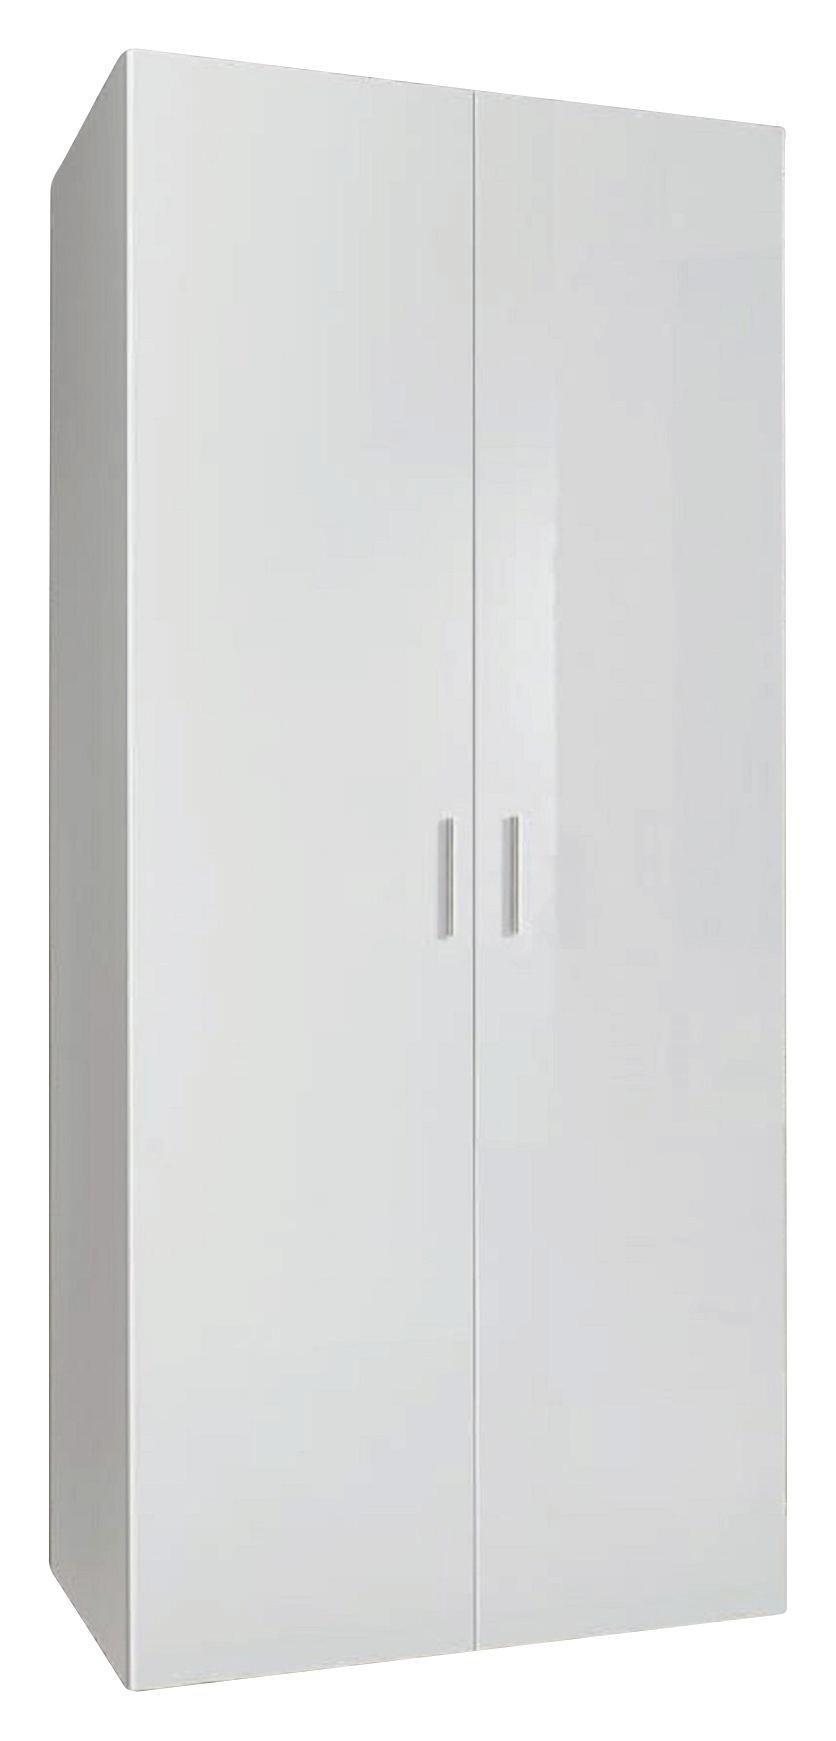 ba4b95a57cc3a2 Kleiderschrank in Weiß im Shop bestellen